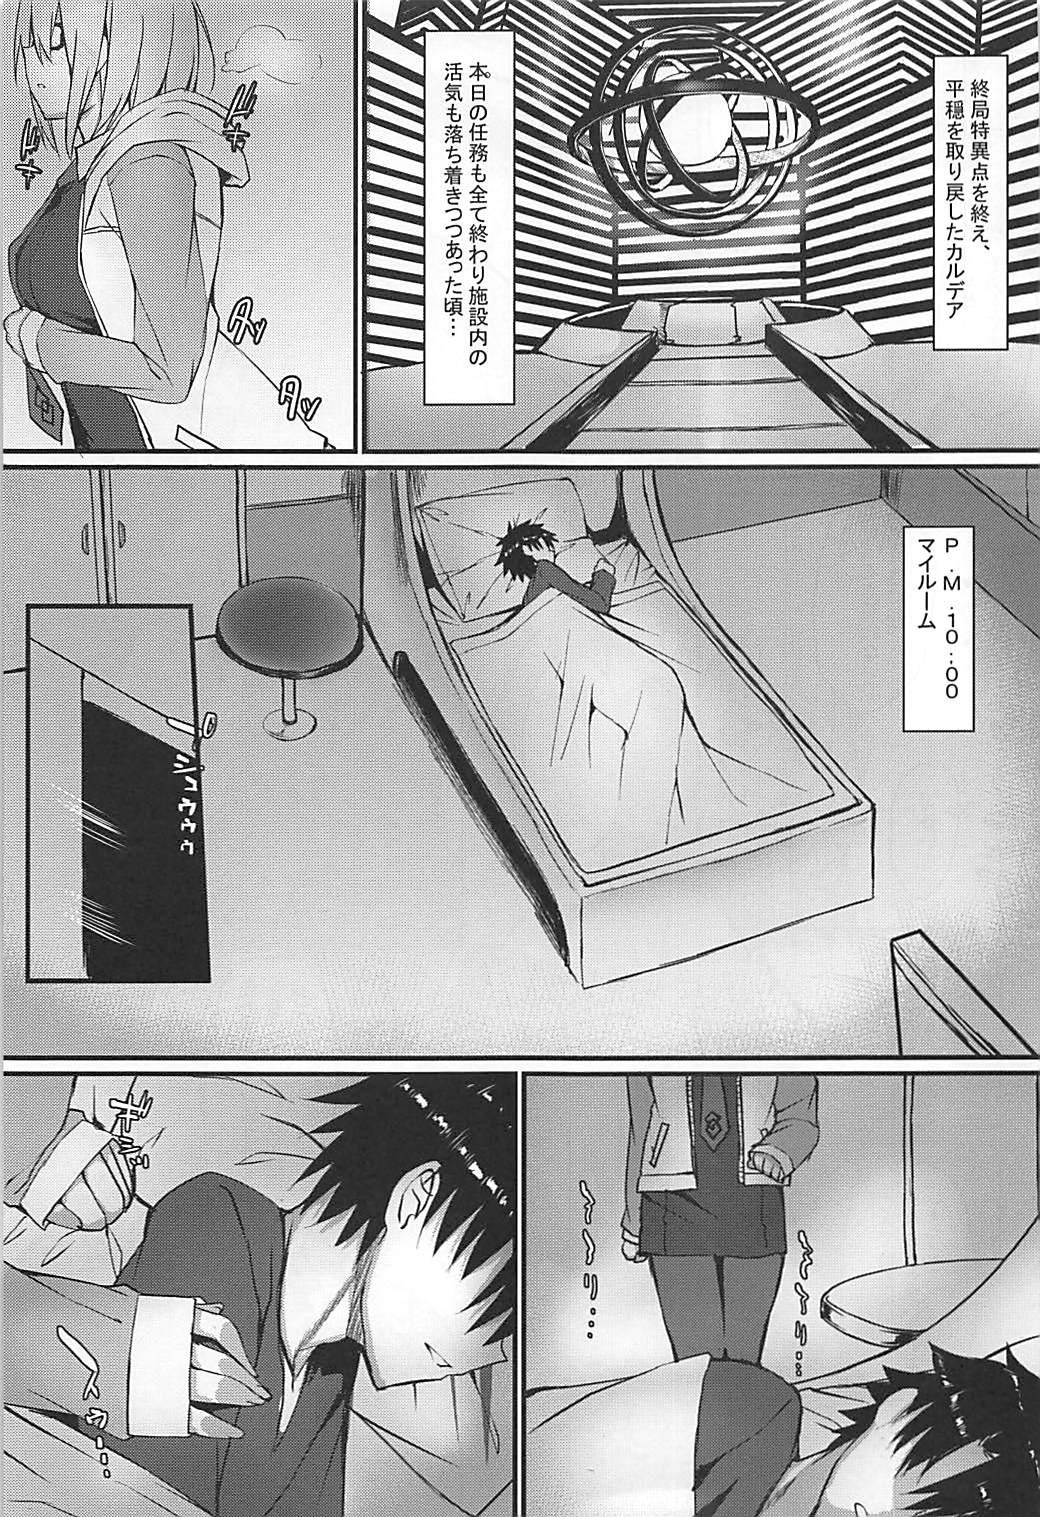 【エロ同人誌】先輩に会えなくて欲求不満だったマシュが夜這いに来てドスケベコスで生挿入中出しイチャラブセックスしちゃうww【C93/Fate Grand Order】